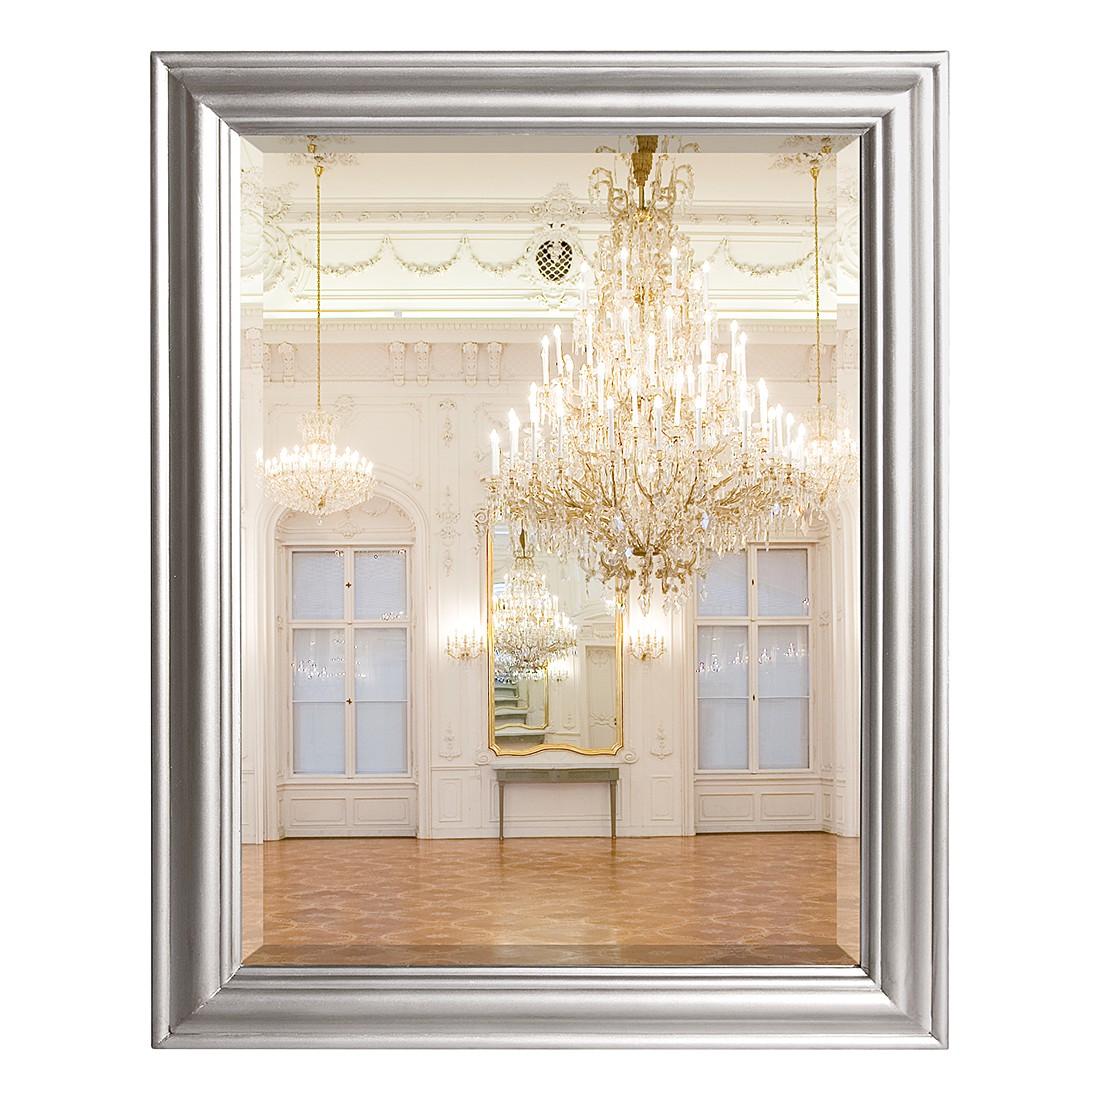 Spiegel mit rahmen silber preisvergleiche for Spiegel suche